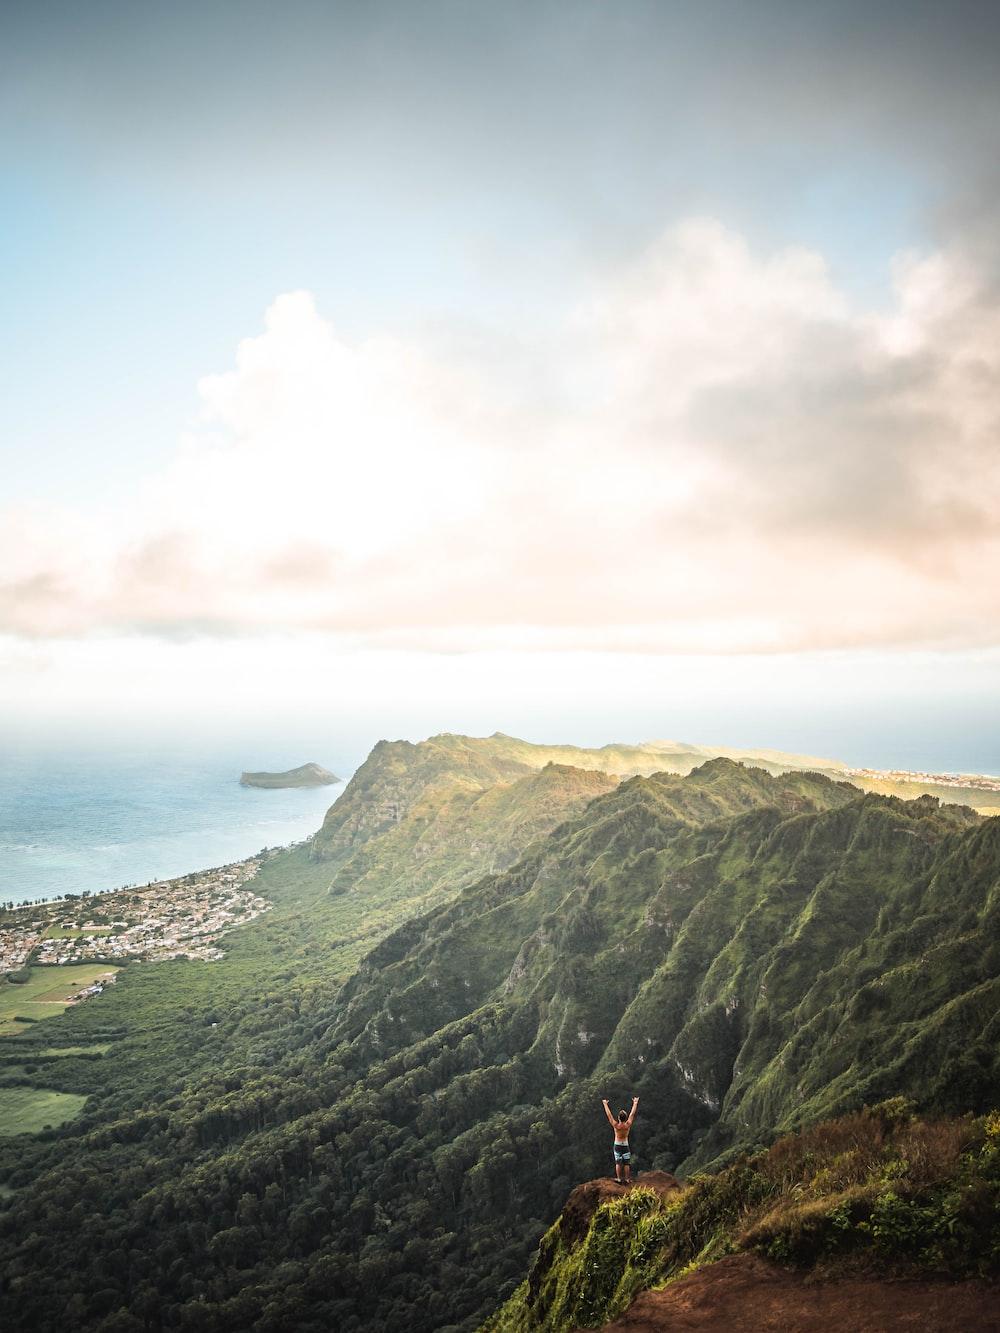 aerial view of mountain near ocean